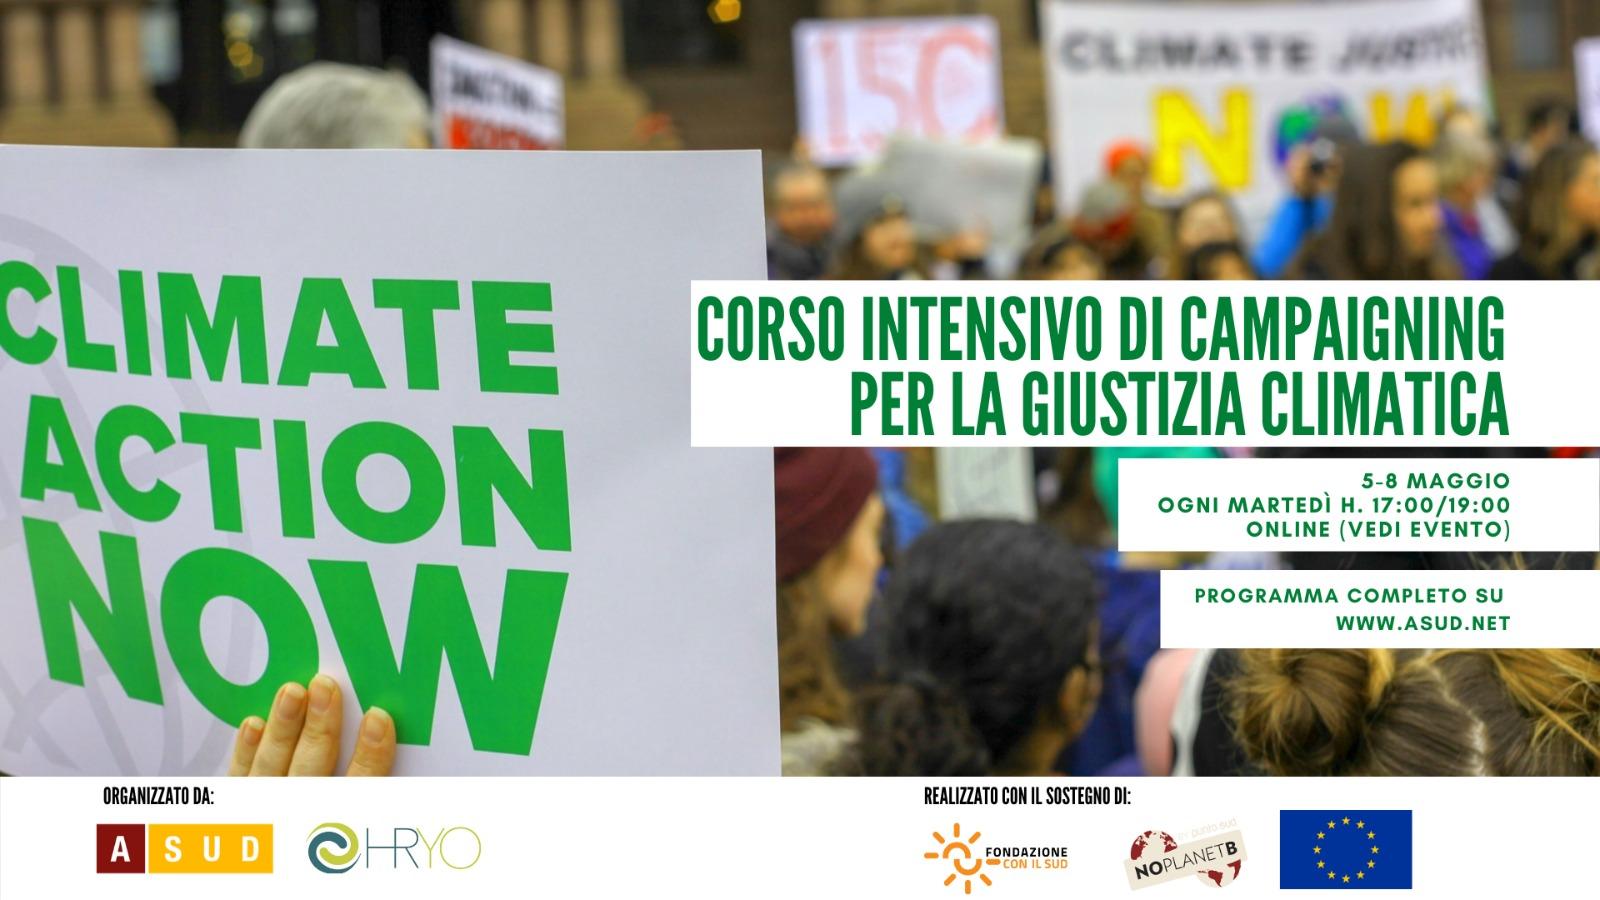 Corso intensivo di campaigning sui cambiamenti climatici